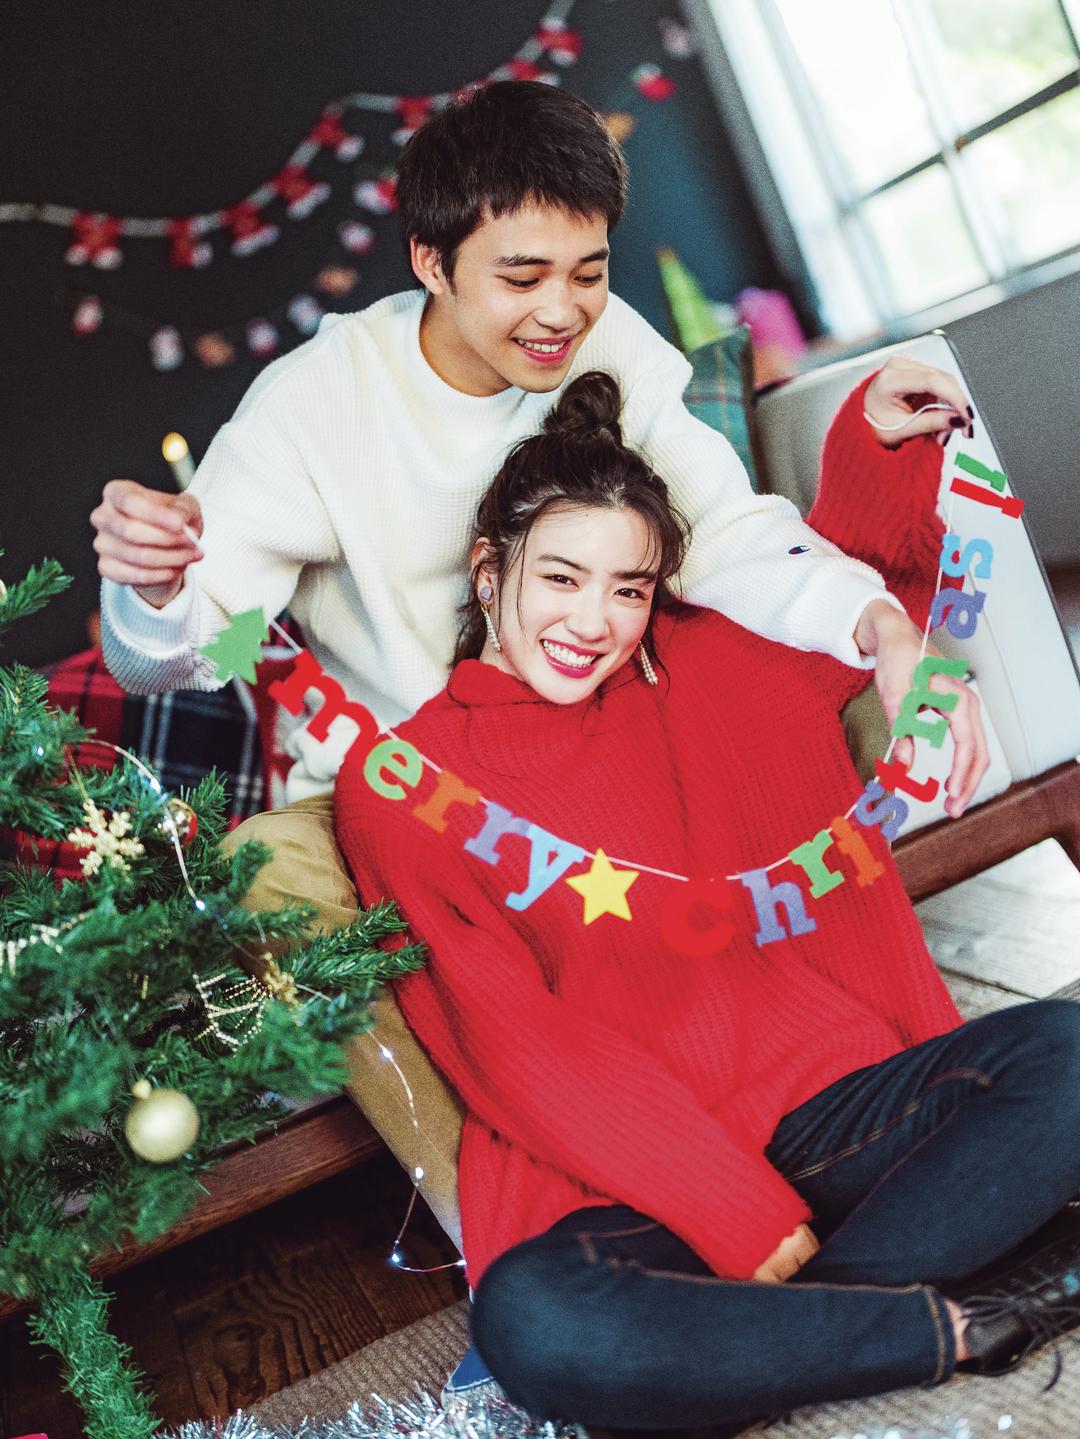 パーティ準備はクリスマスっぽさ 全開の赤ニット♡